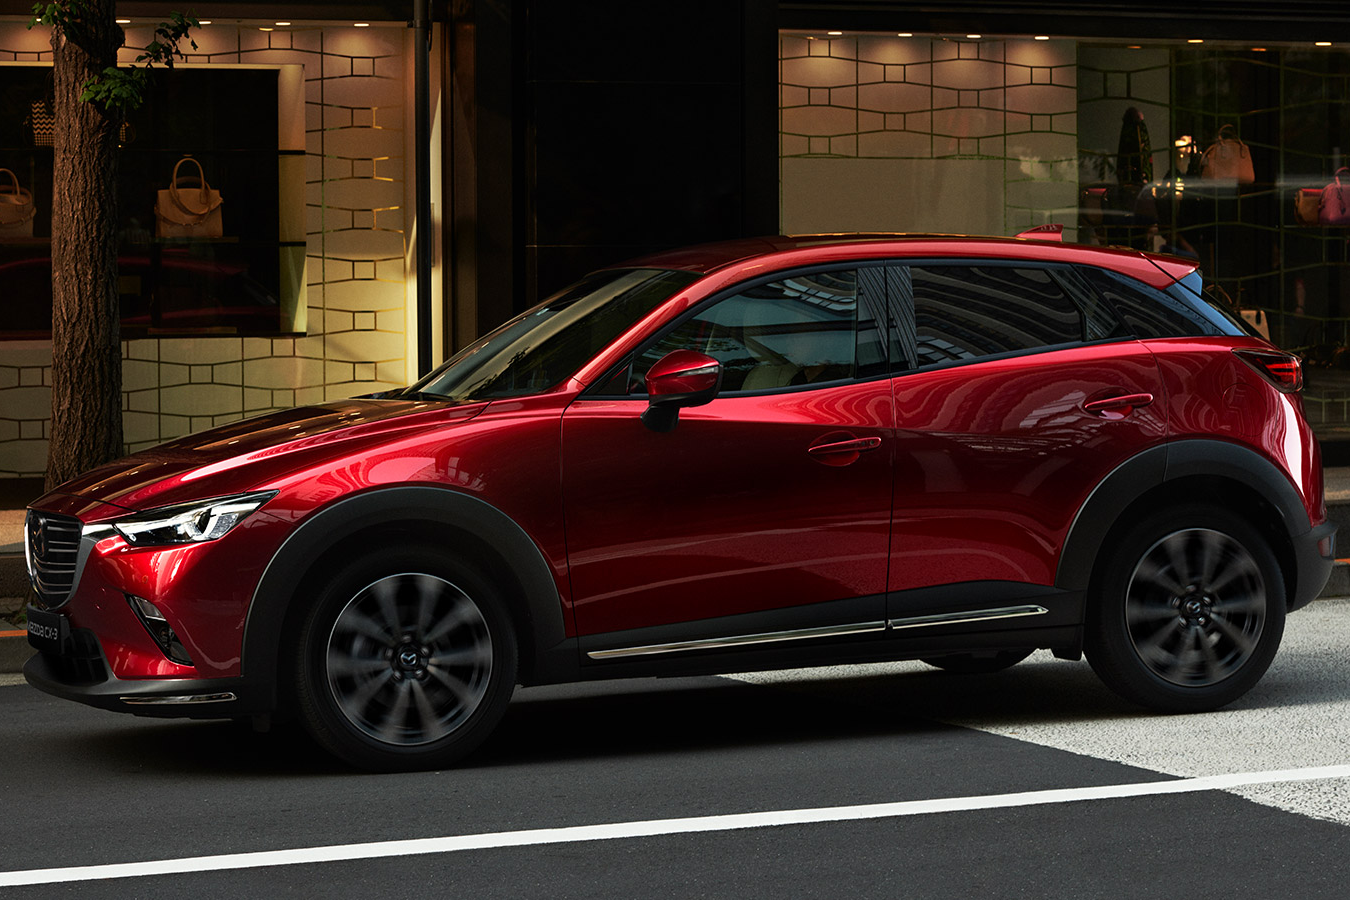 Illustrasjonsbilde av en rød Mazda CX-3